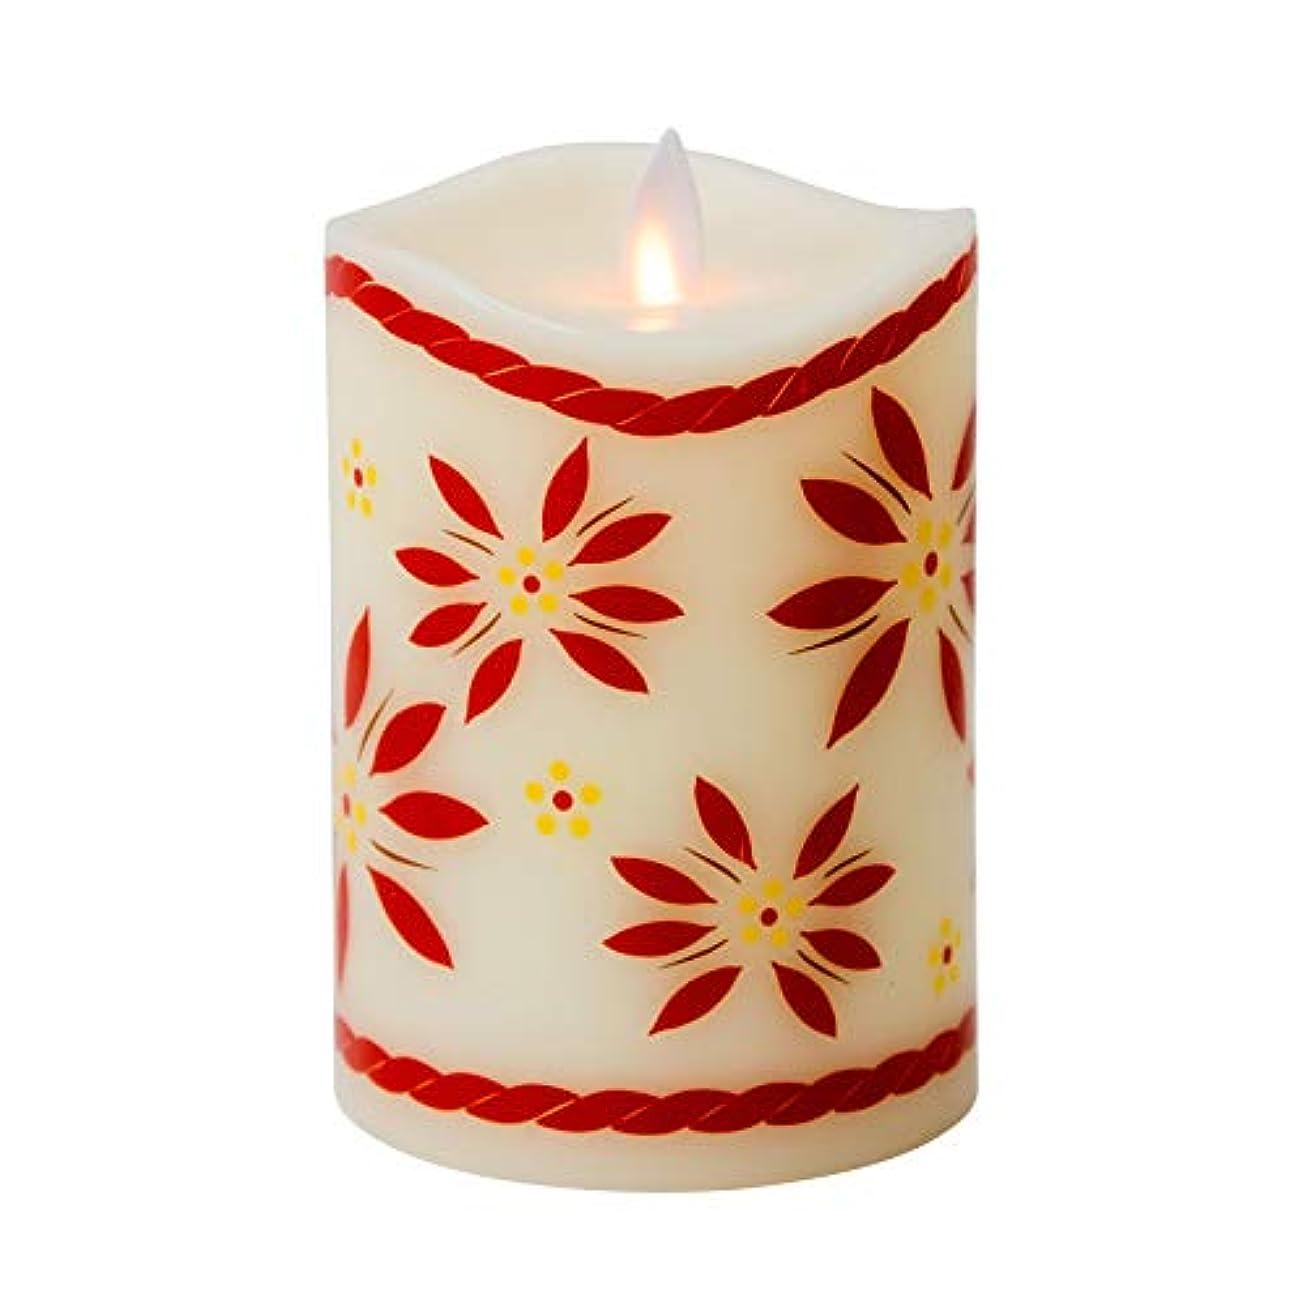 目を覚ます危機美的Boston Warehouse temp-tations by Tara Mystiqueパラフィンワックス5インチOld World Flameless Pillar Candle レッド 40441